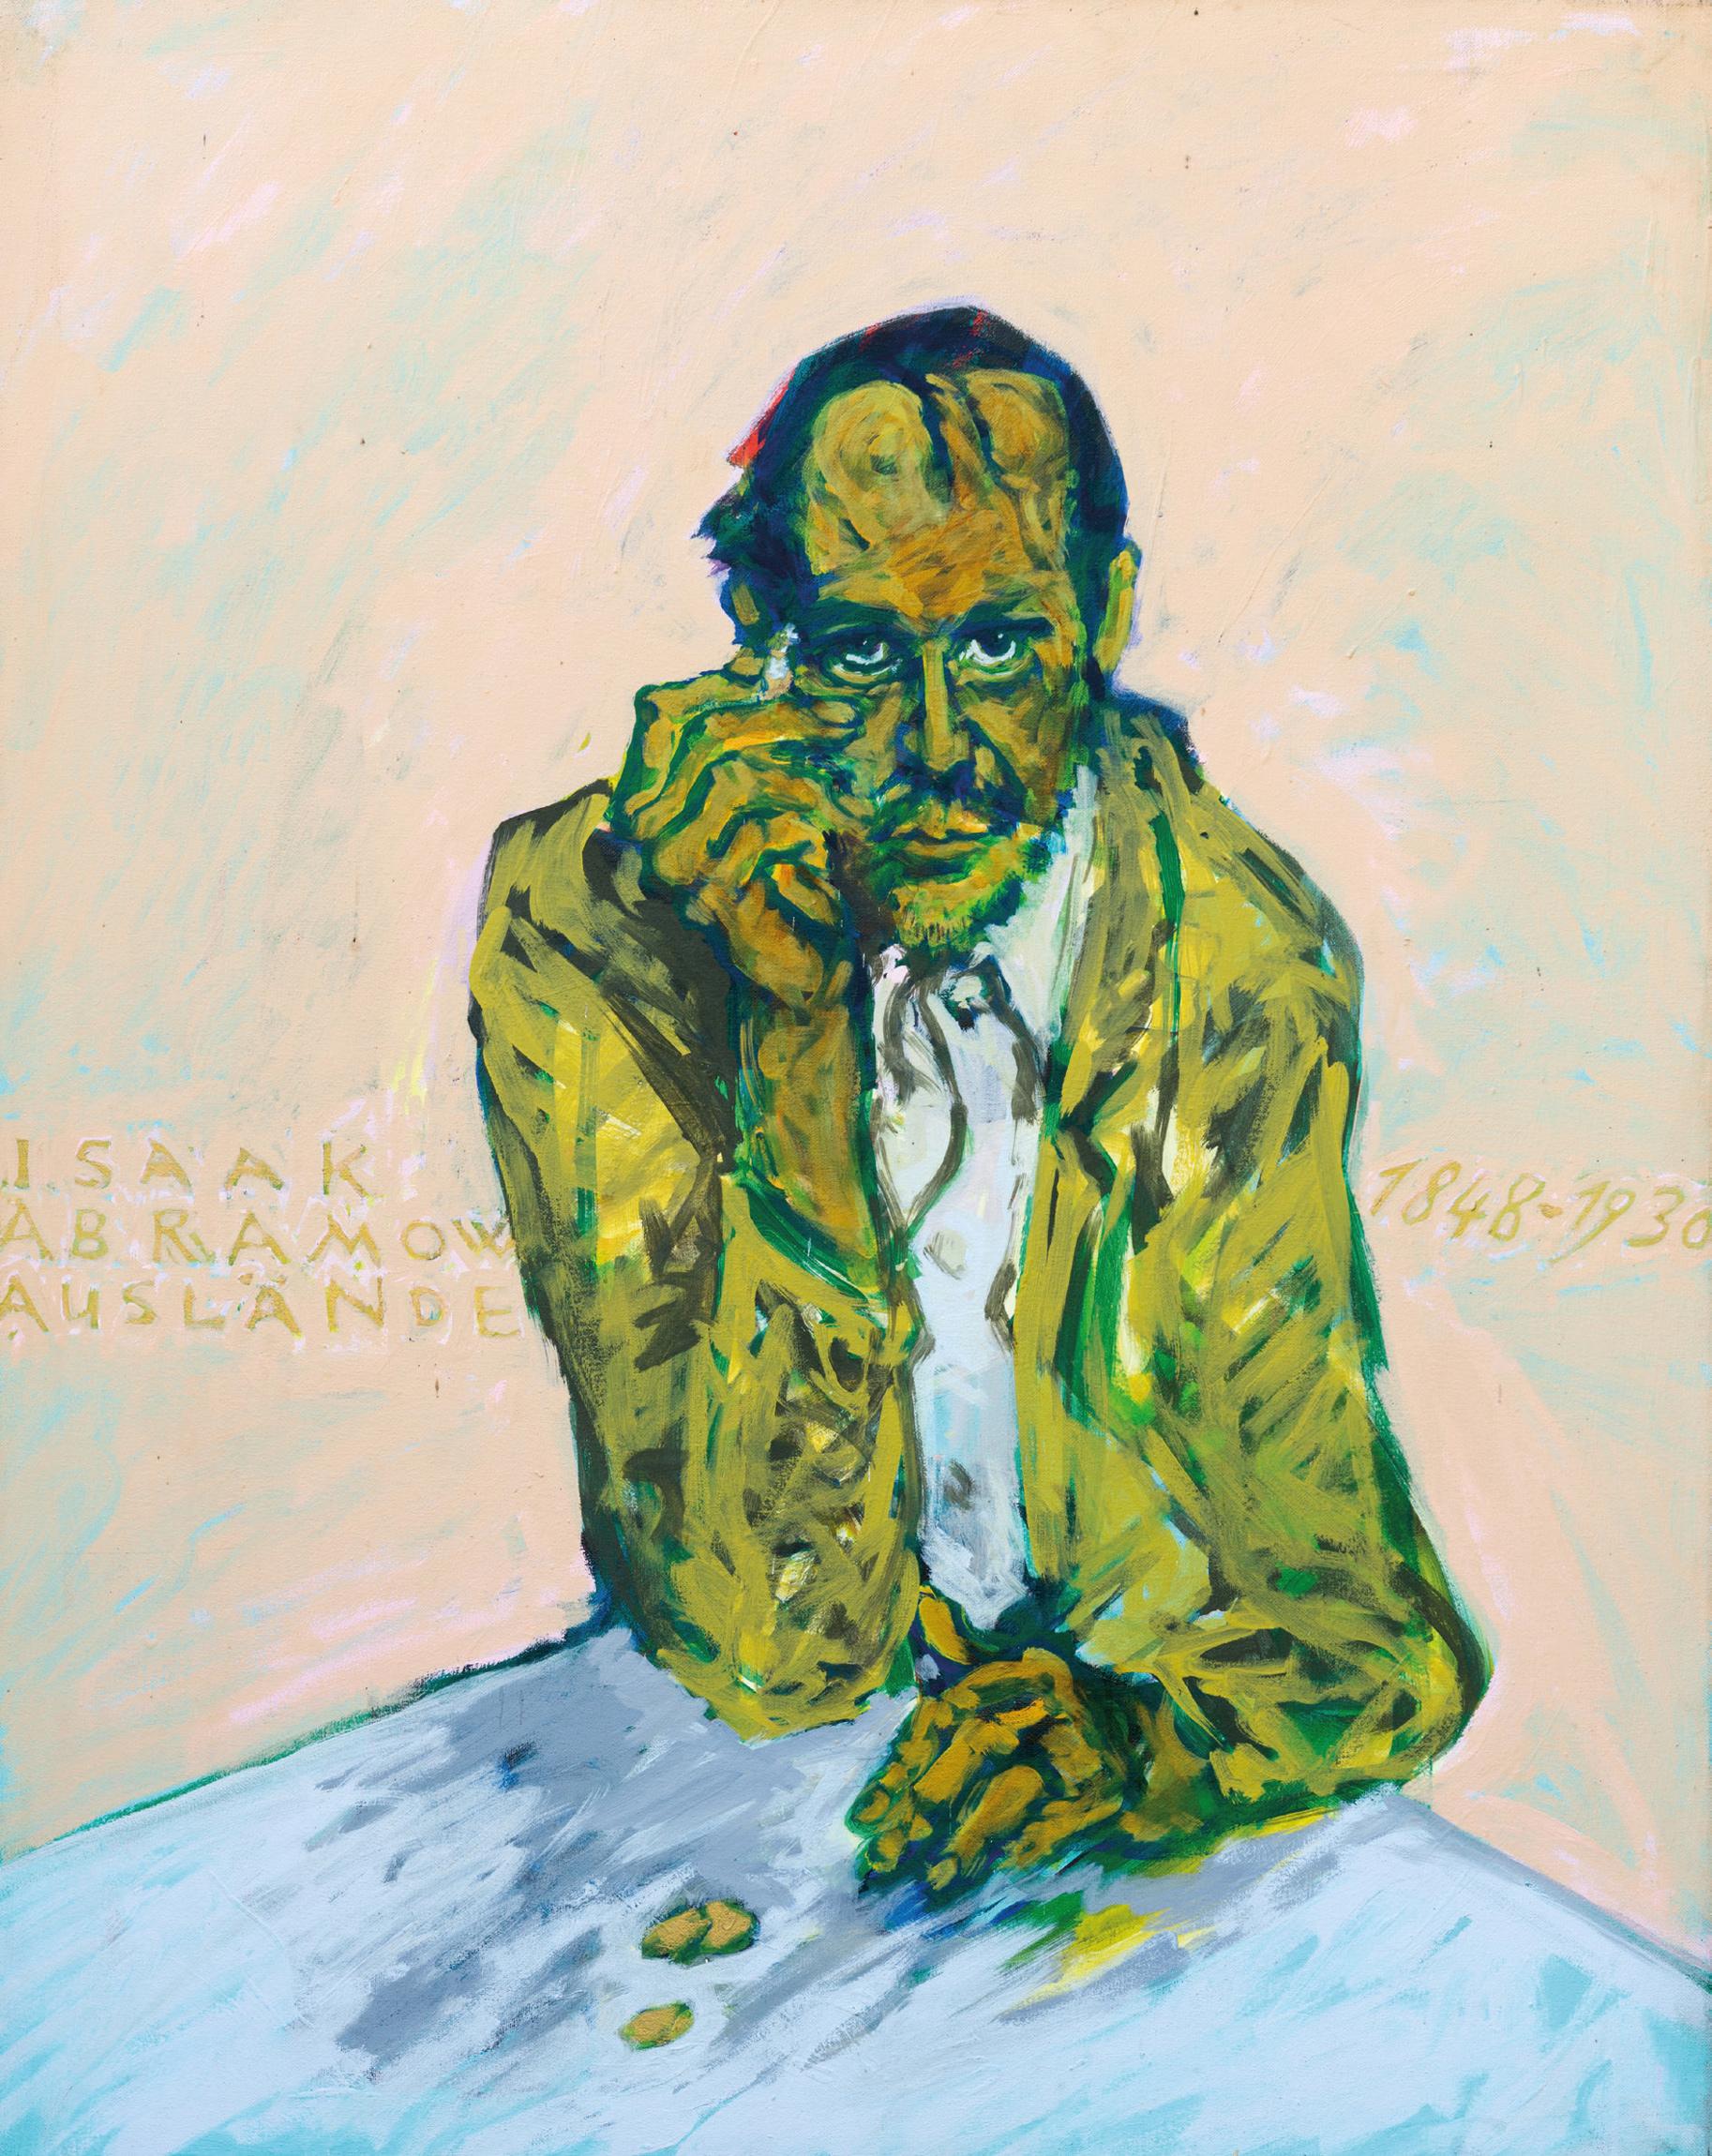 Isaak Abramow Auslaender, Die Ahnen, ©Nil Auslaender